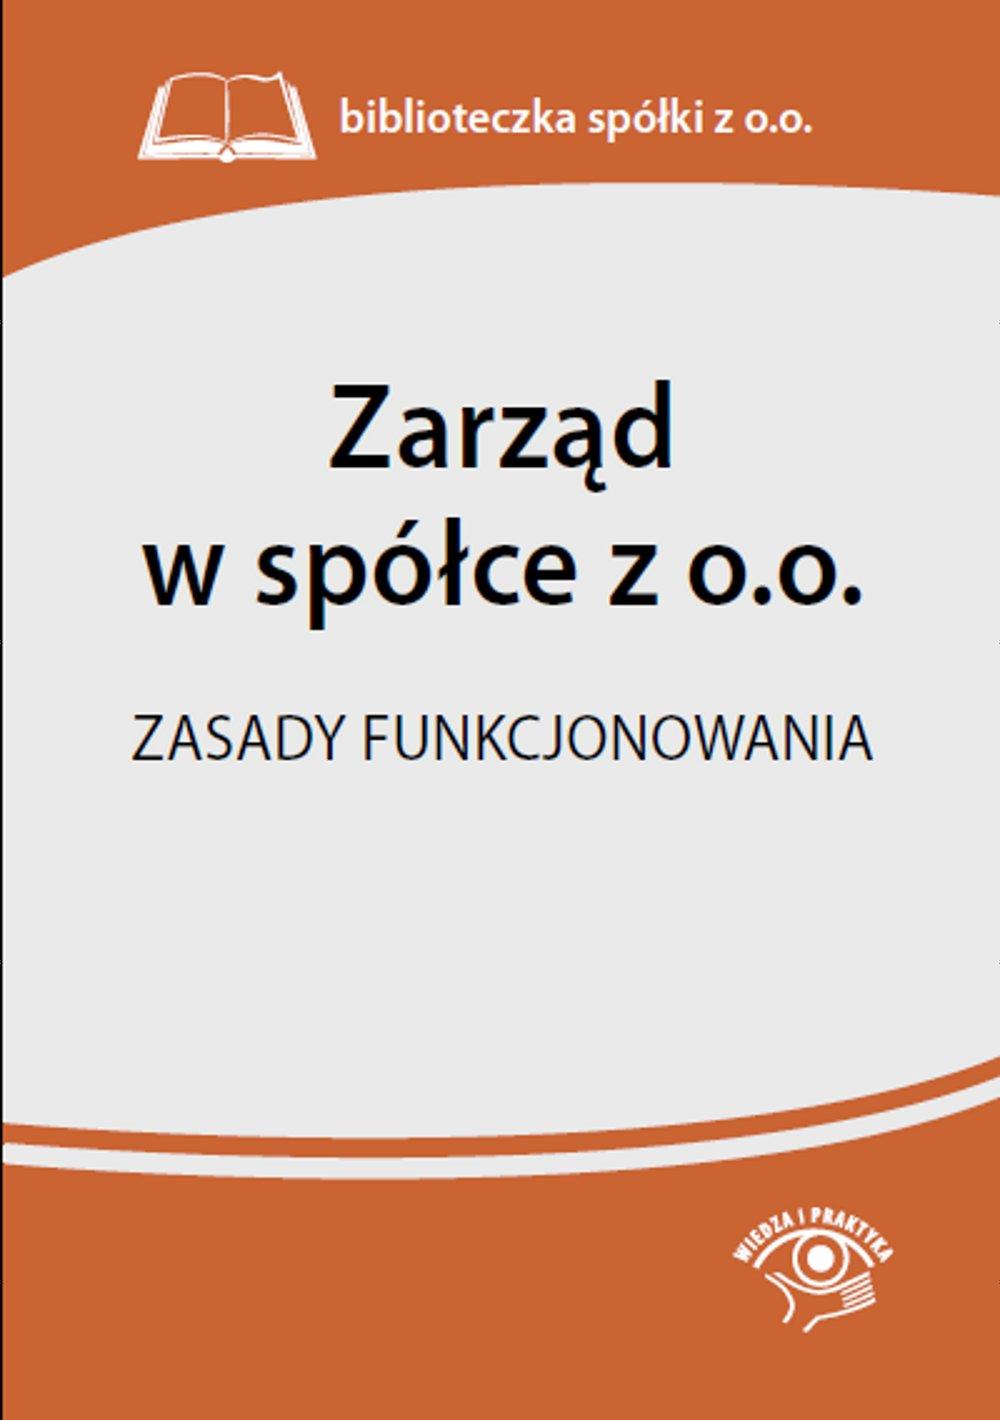 Zarząd w spółce z o.o. Zasady funkcjonowania - Ebook (Książka PDF) do pobrania w formacie PDF